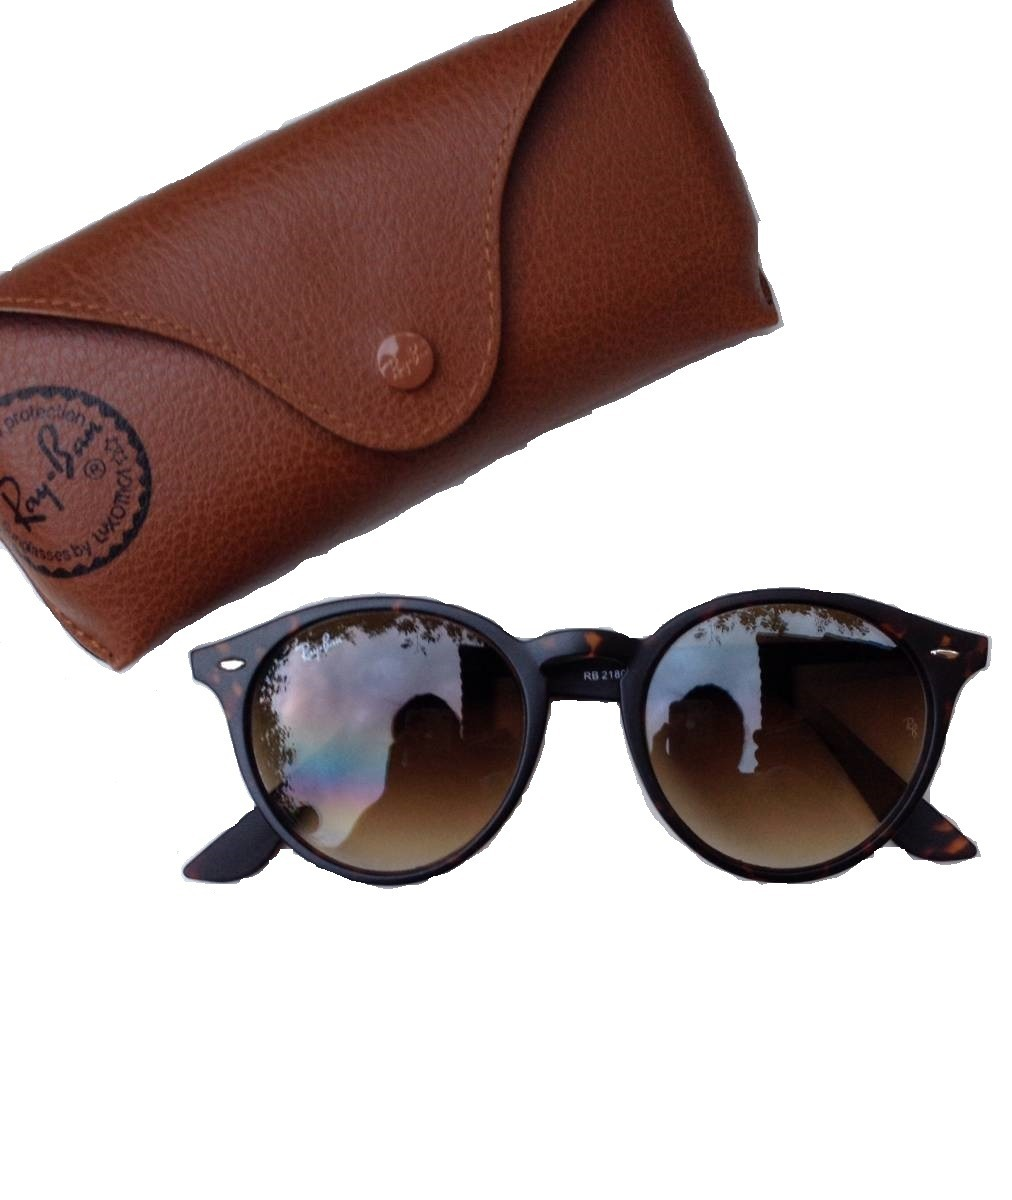 dad39b11e3809 óculos ray-ban round highstreet rb2180 original c  garantia. Carregando zoom .